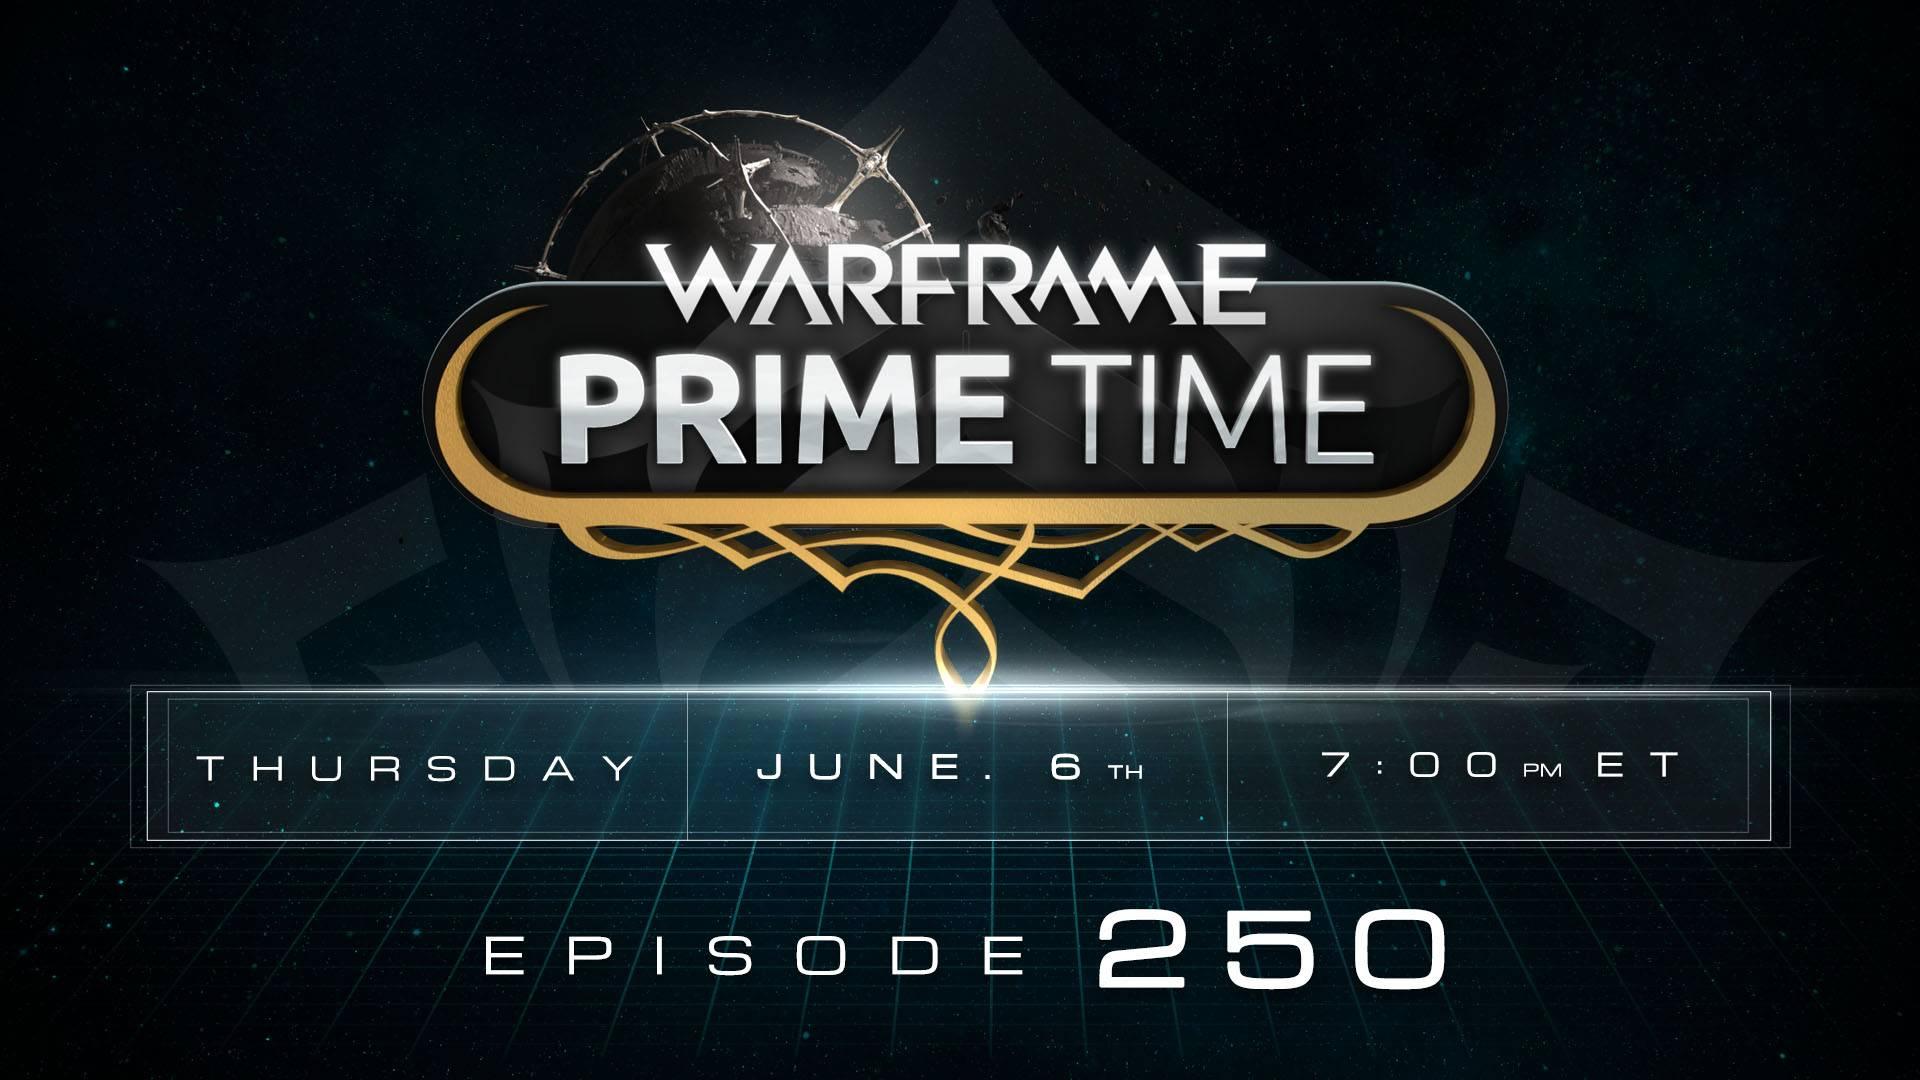 Warframe Prime Time #250: Tonight at 7pm ET! | Warframe Dev